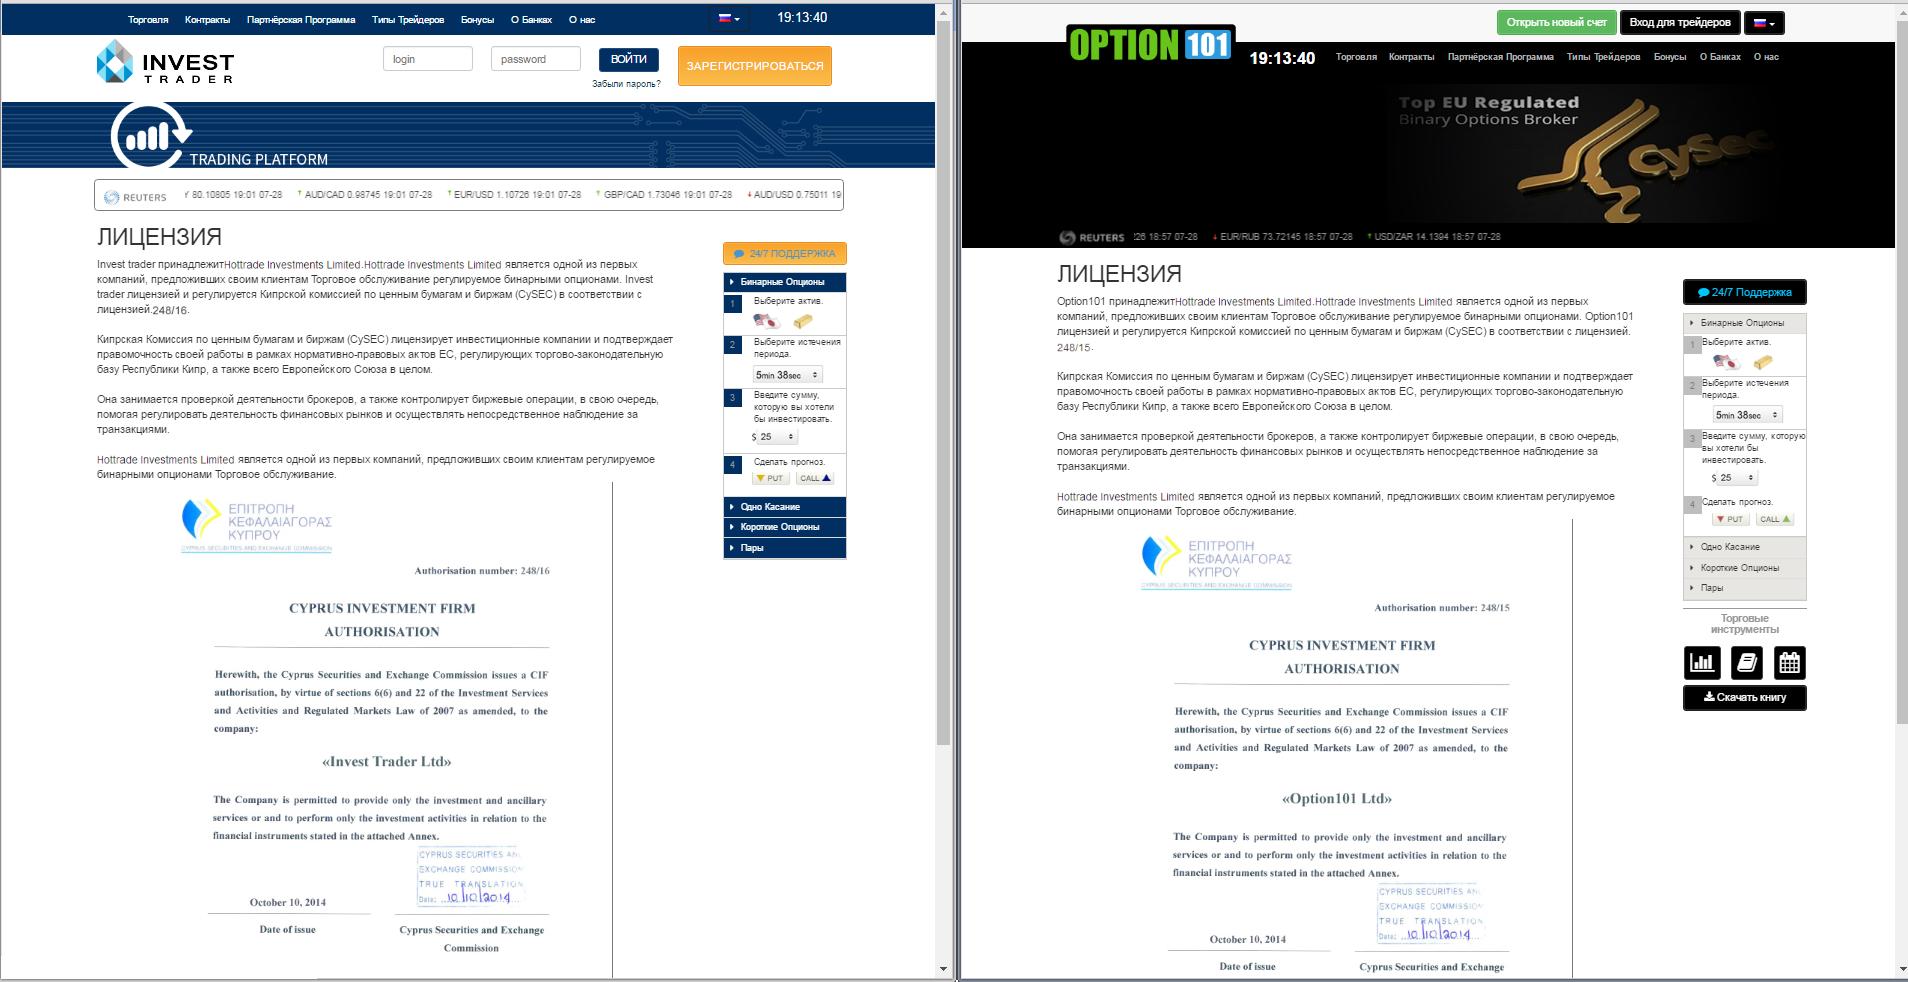 Жалоба на брокера Option101 мошенники бинарные опционы брокер